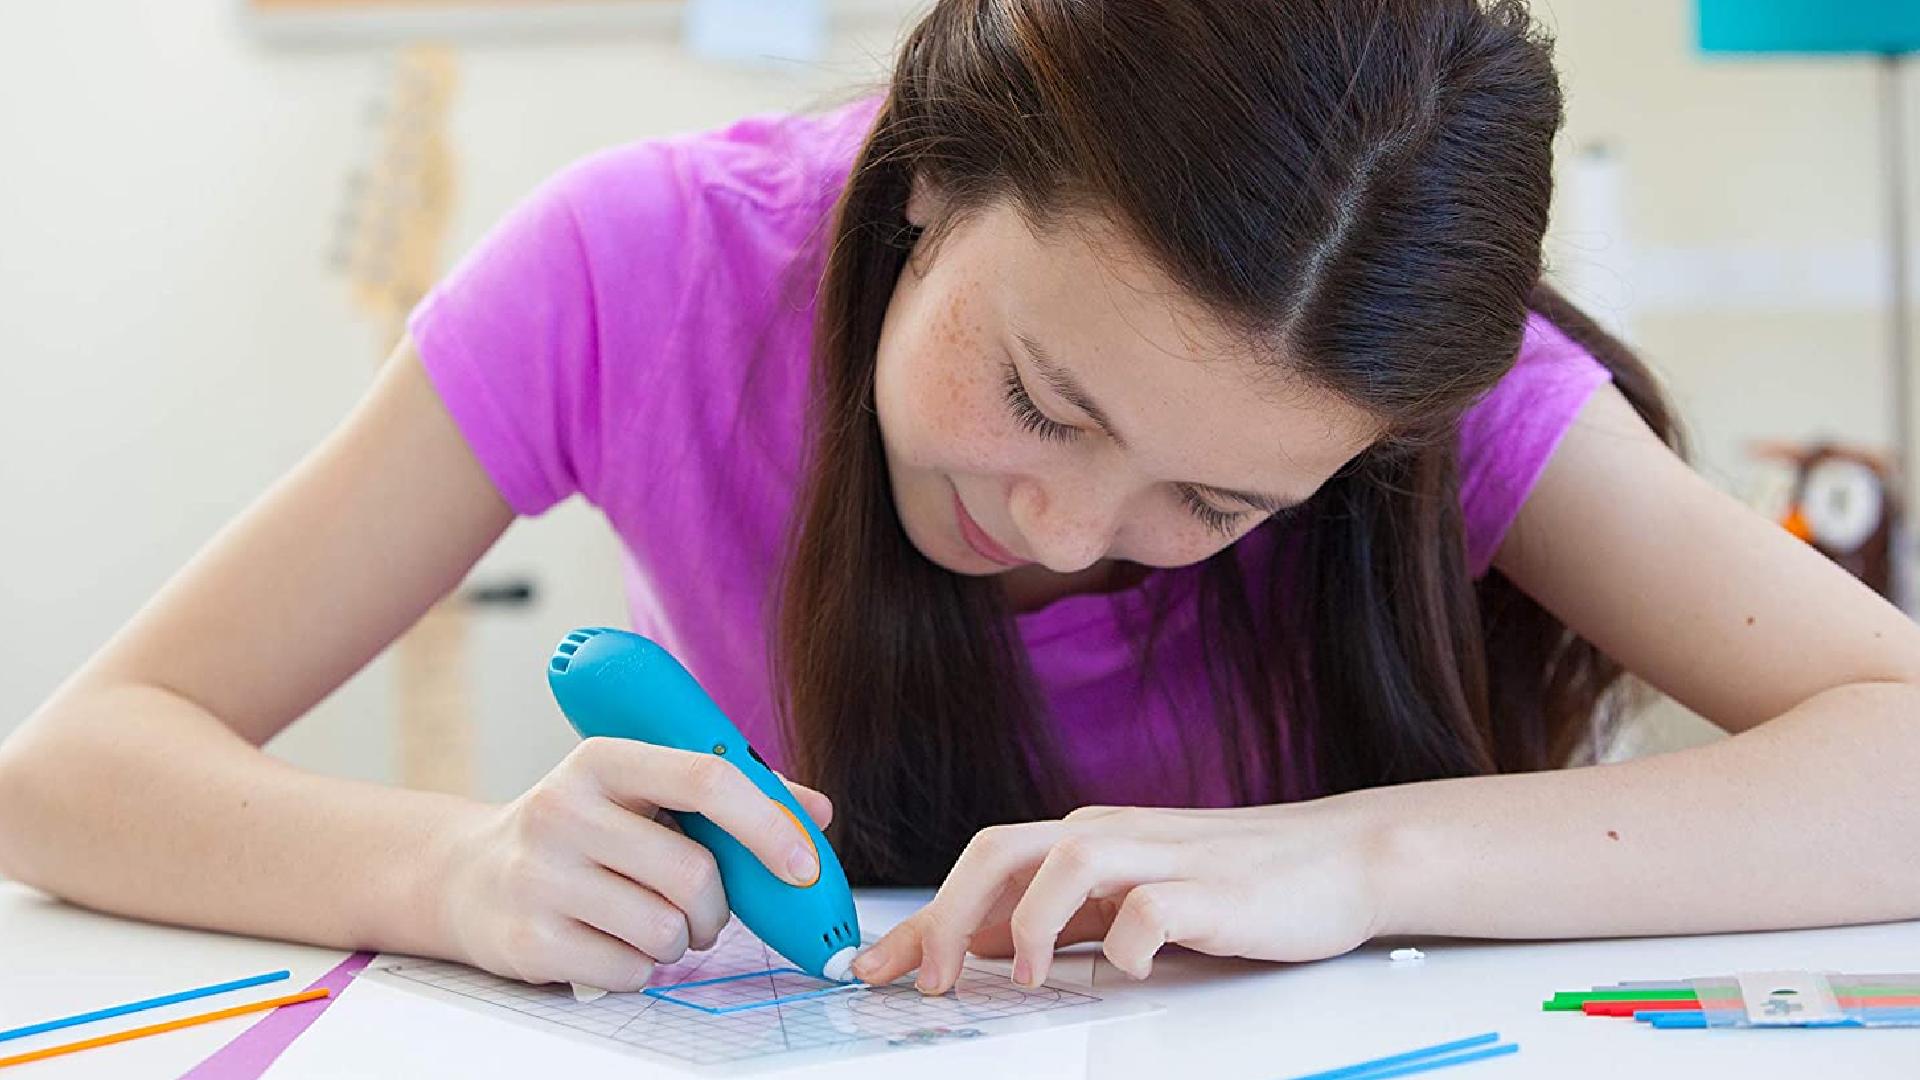 a girl using a 3D pen